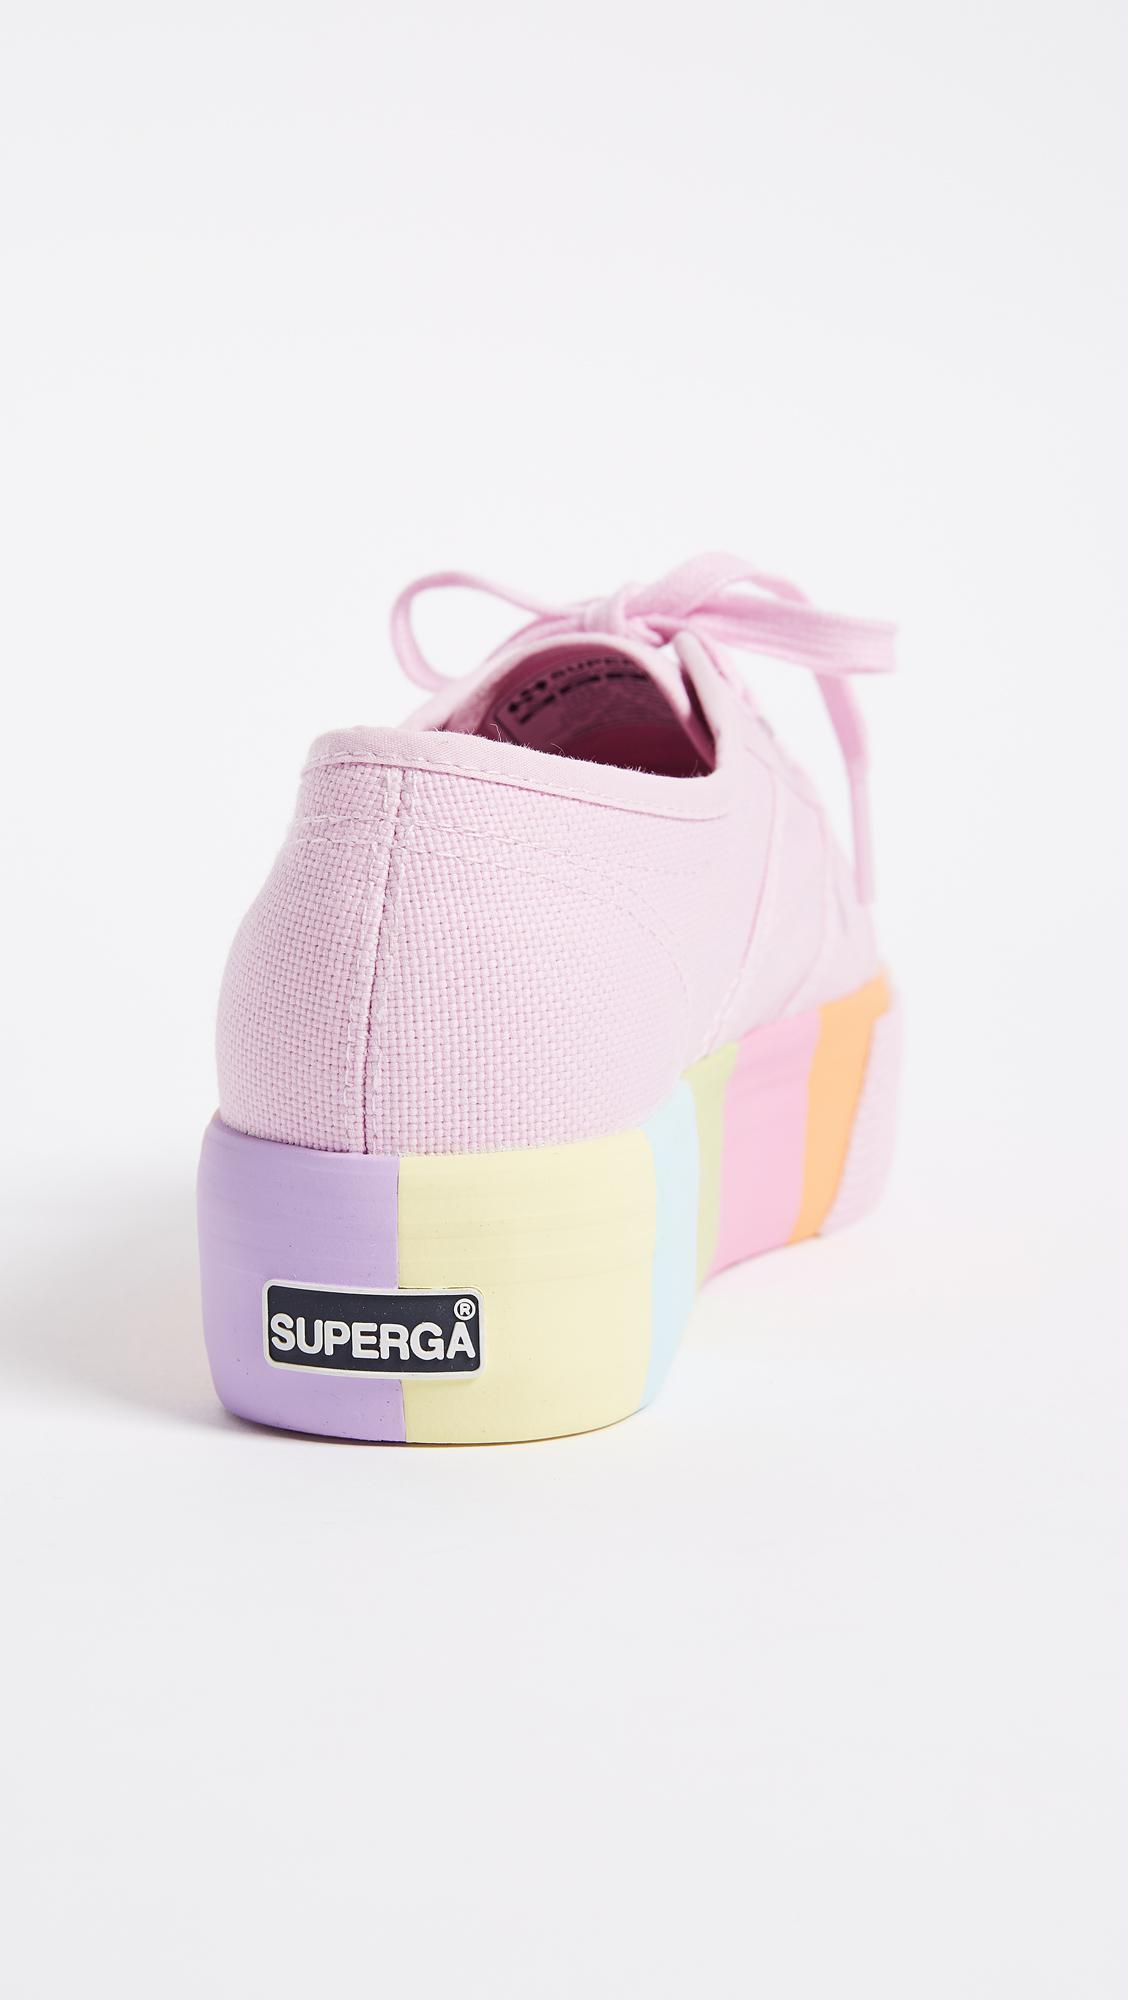 f45f0b3f657 Lyst - Superga 2790 Multi Platform Sneakers in Pink